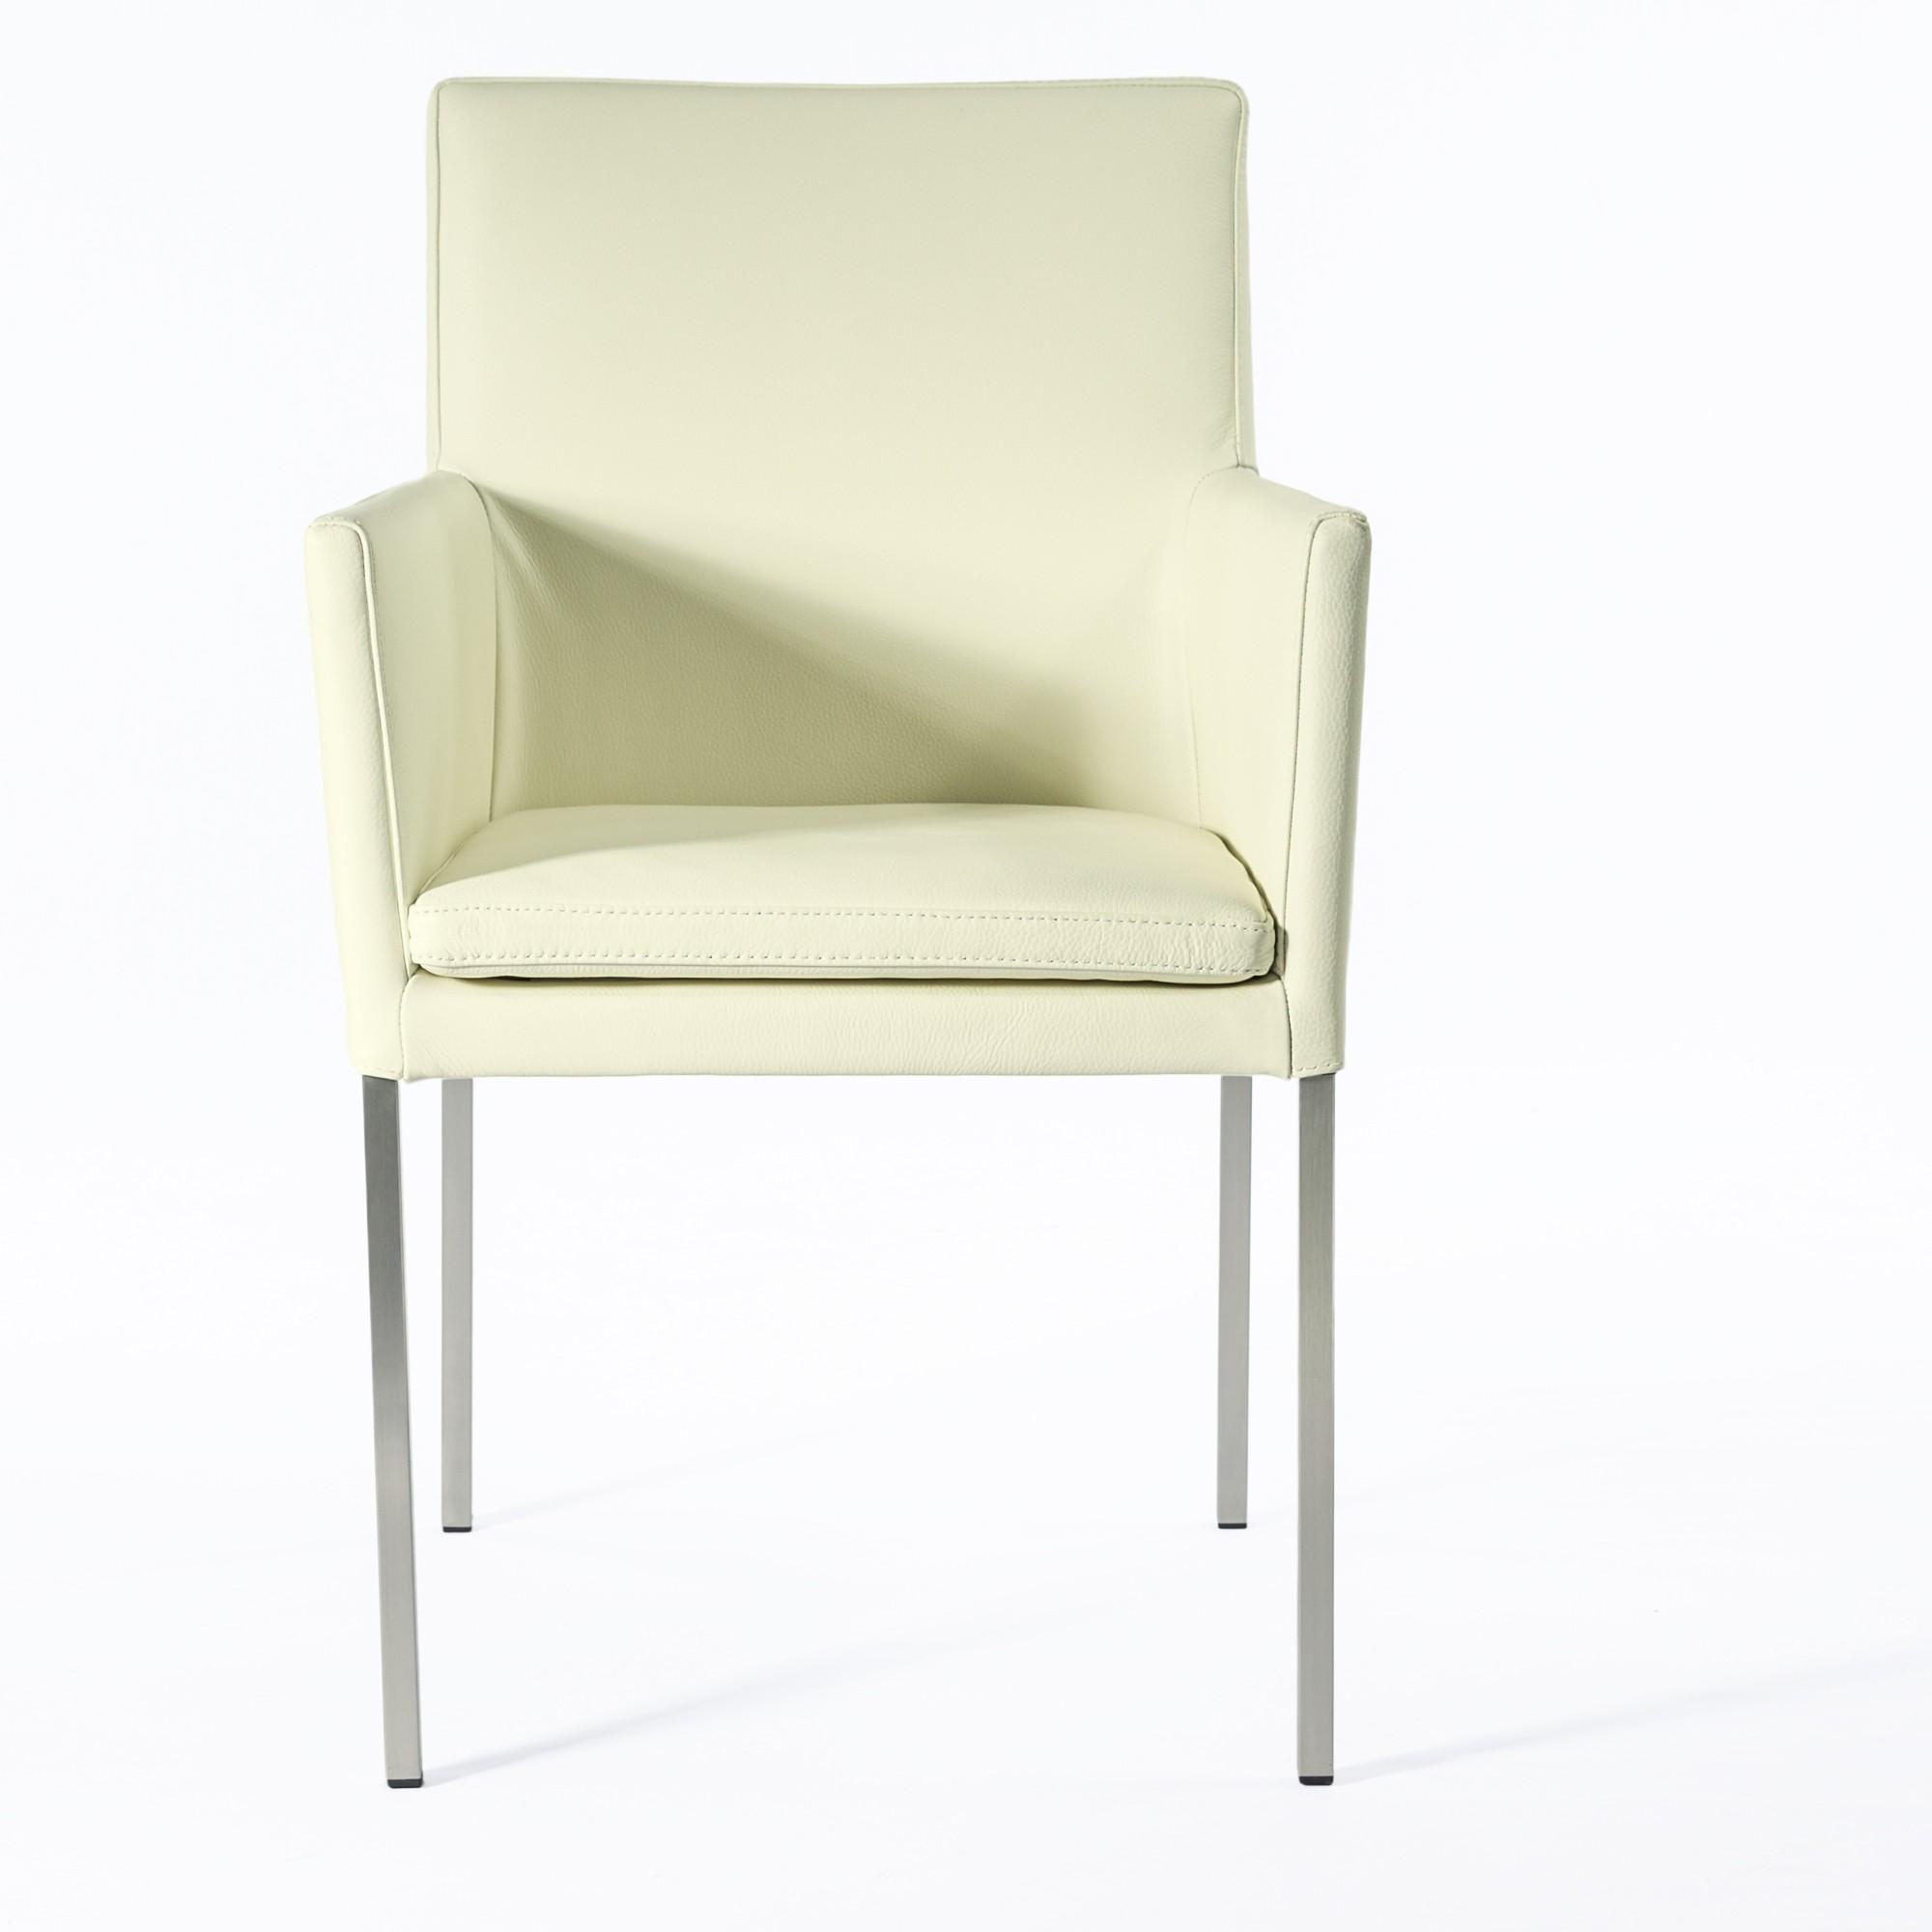 armlehnstuhl lederstuhl ledersessel stella creme wei. Black Bedroom Furniture Sets. Home Design Ideas